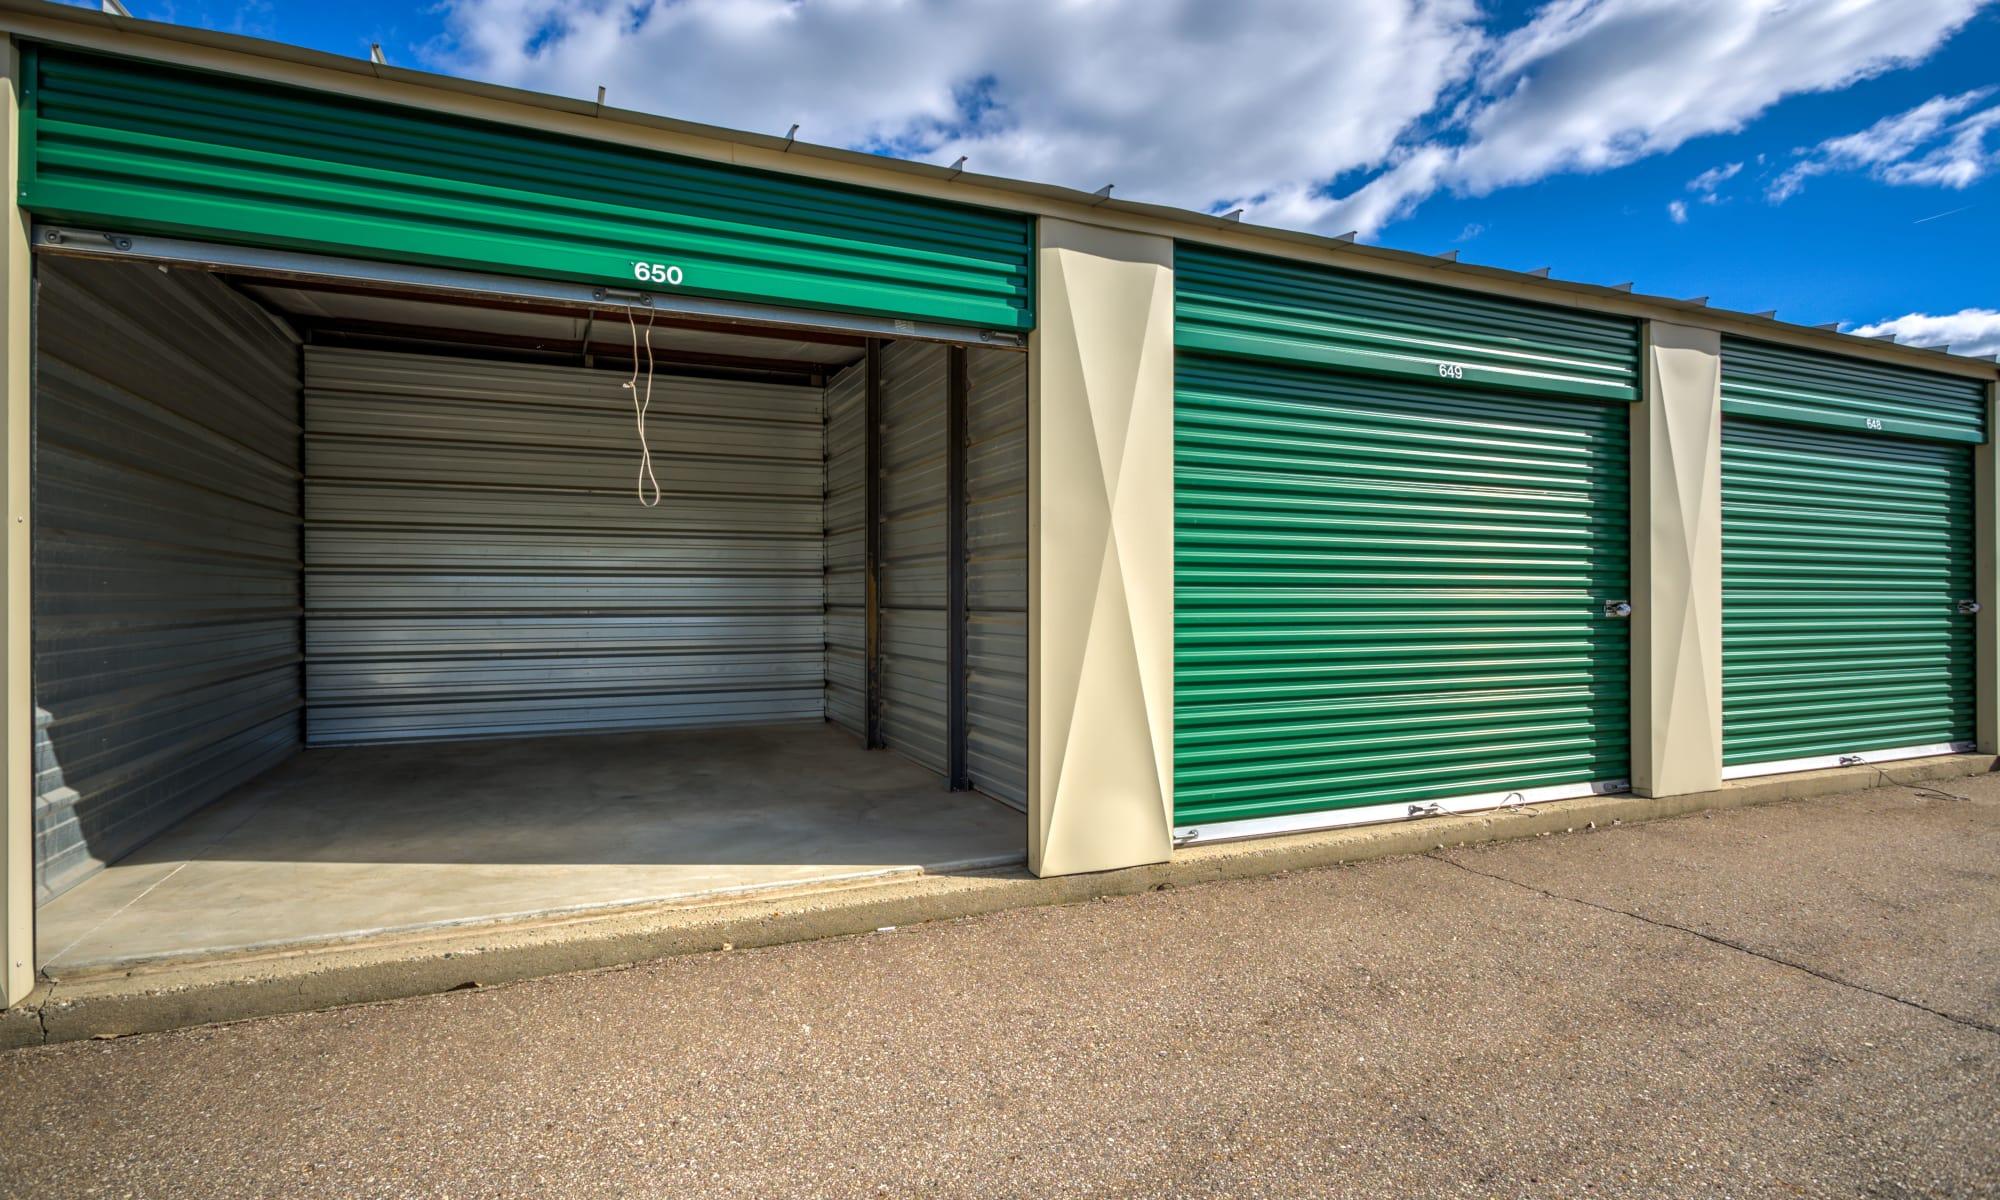 Storage at Citizen Storage in Fenton, Michigan